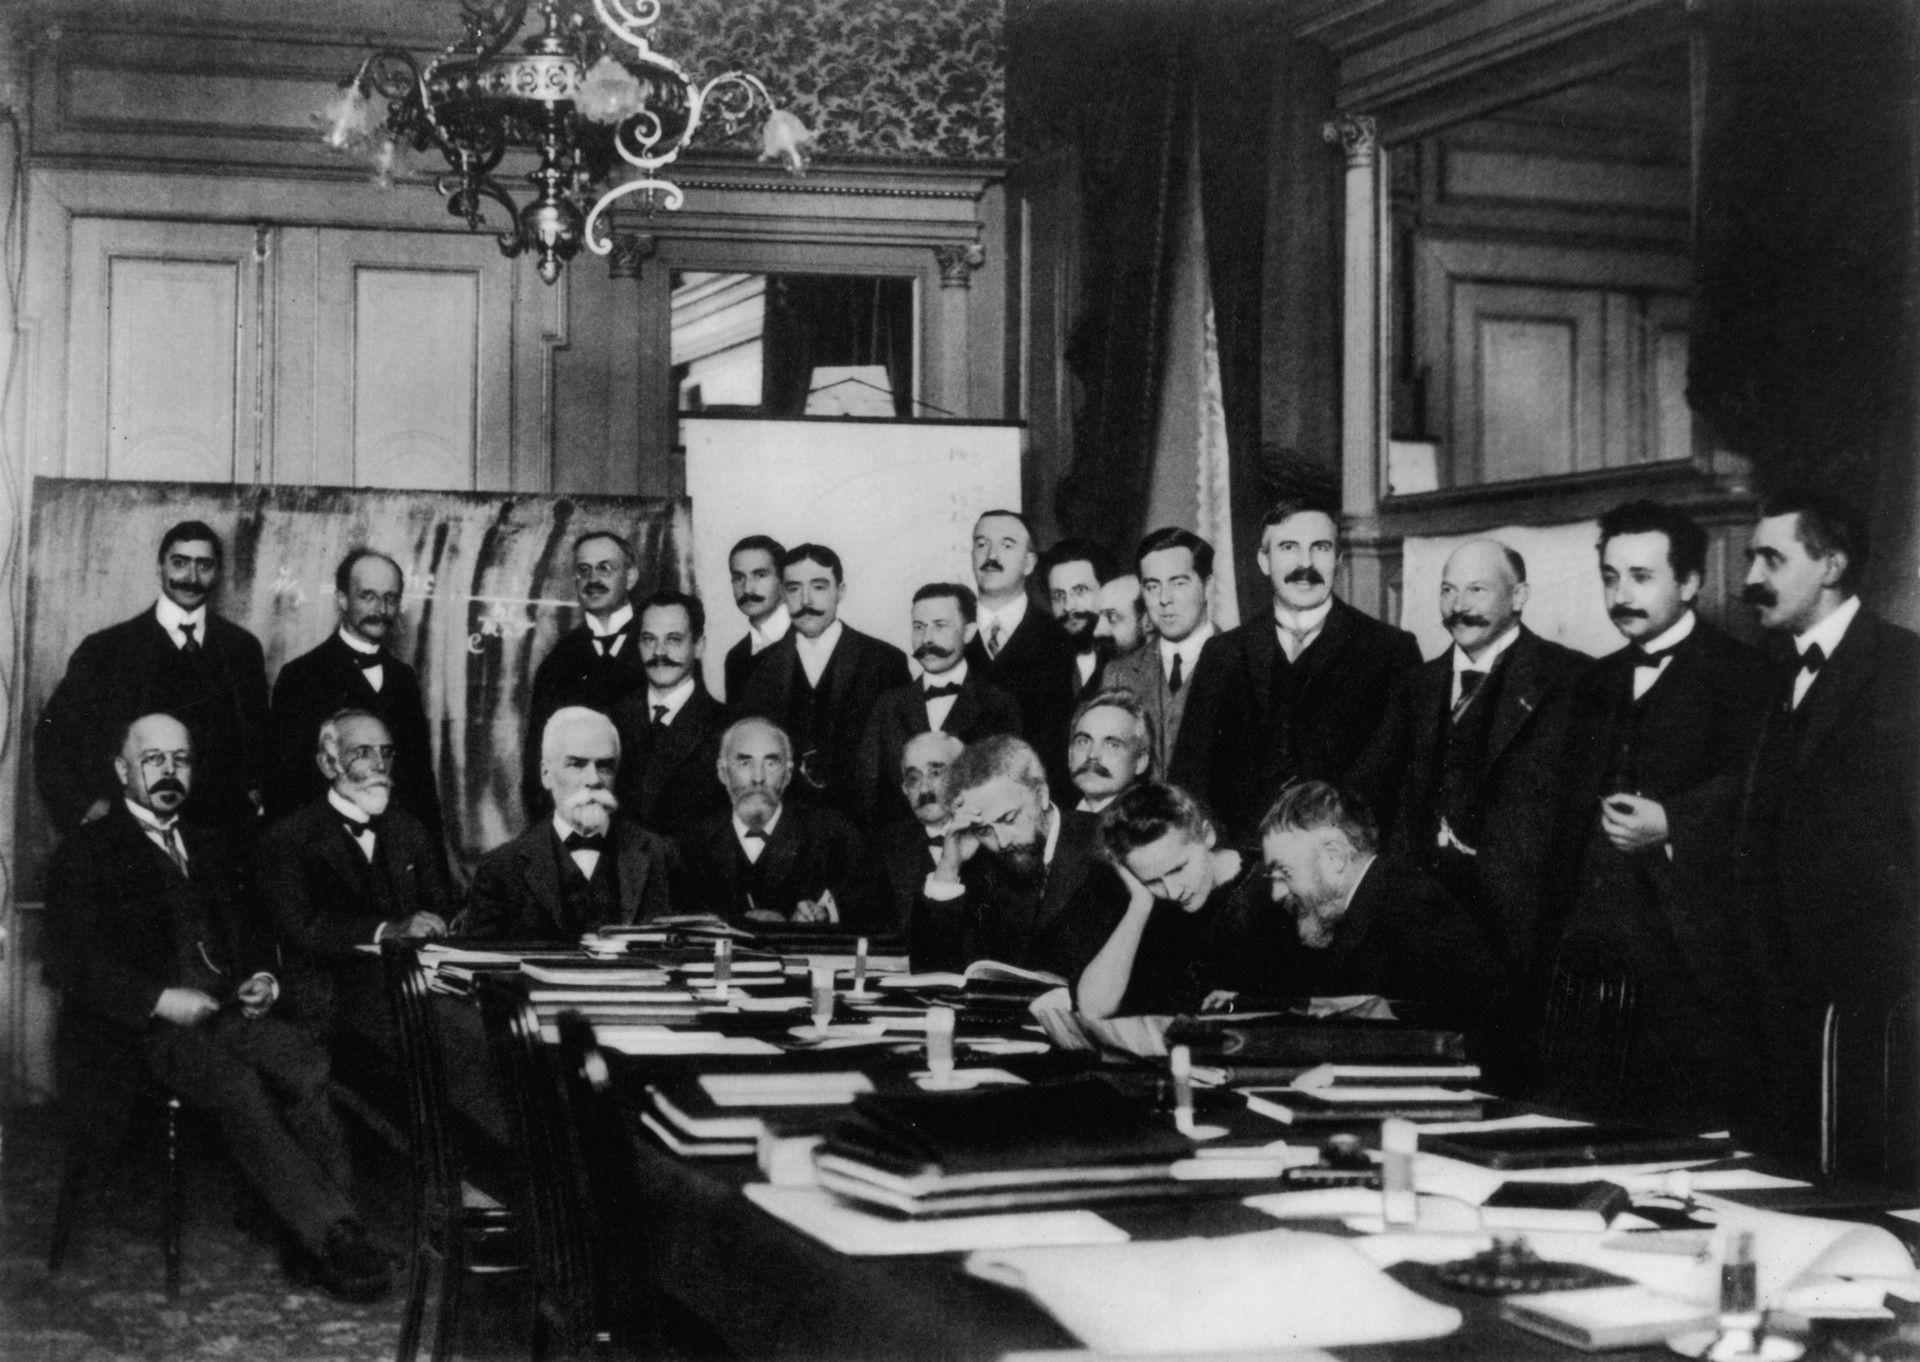 Teilnehmer der ersten Solvay-Konferenz (1911)